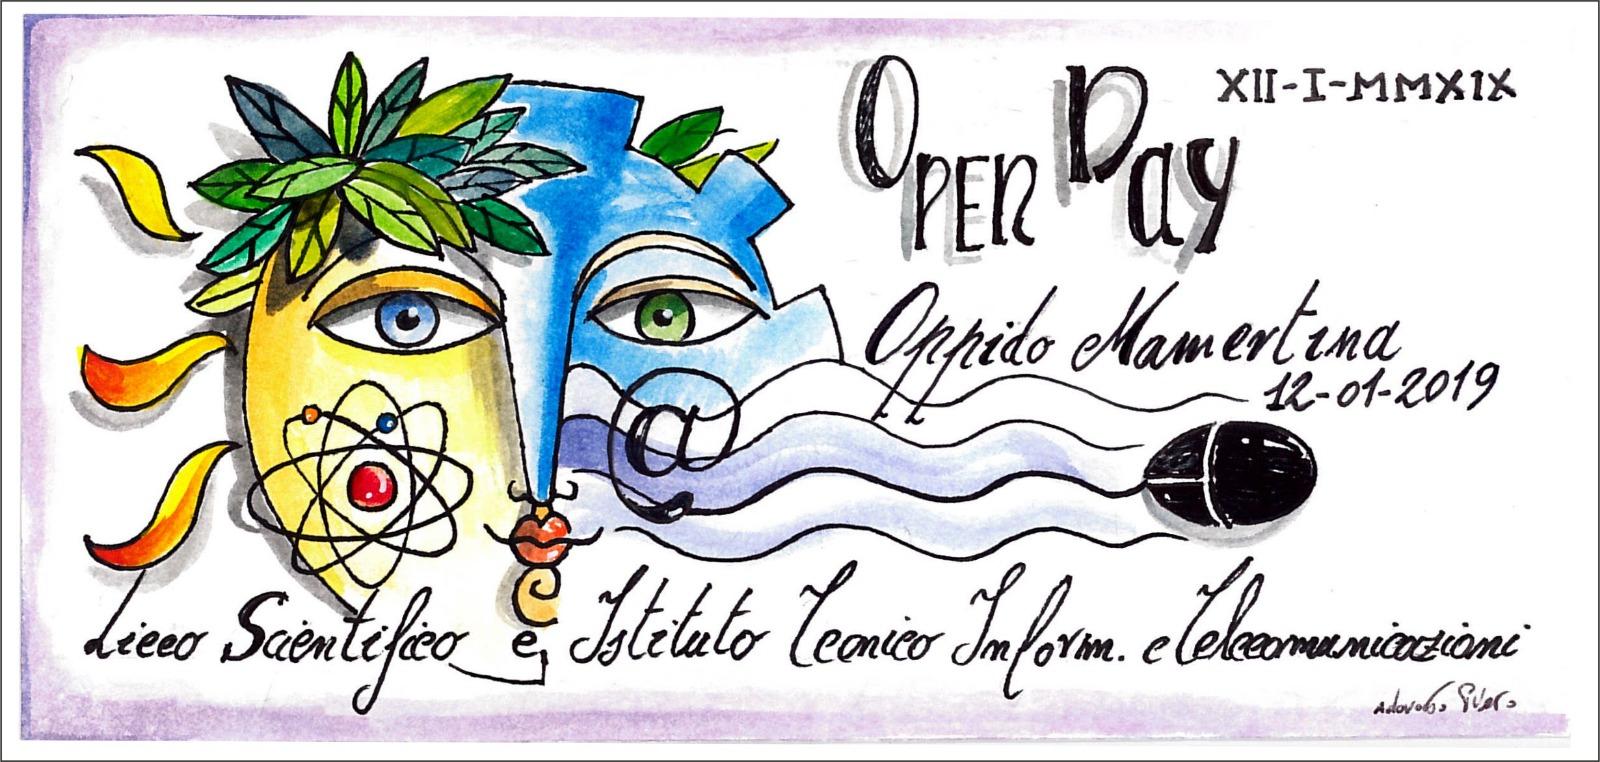 OPEN DAY OPPIDO MAMERTINA ITIS biennio e triennio, LICEO giorno 12 GENNAIO 2019 dalle ore 15:00 alle ore 18:00